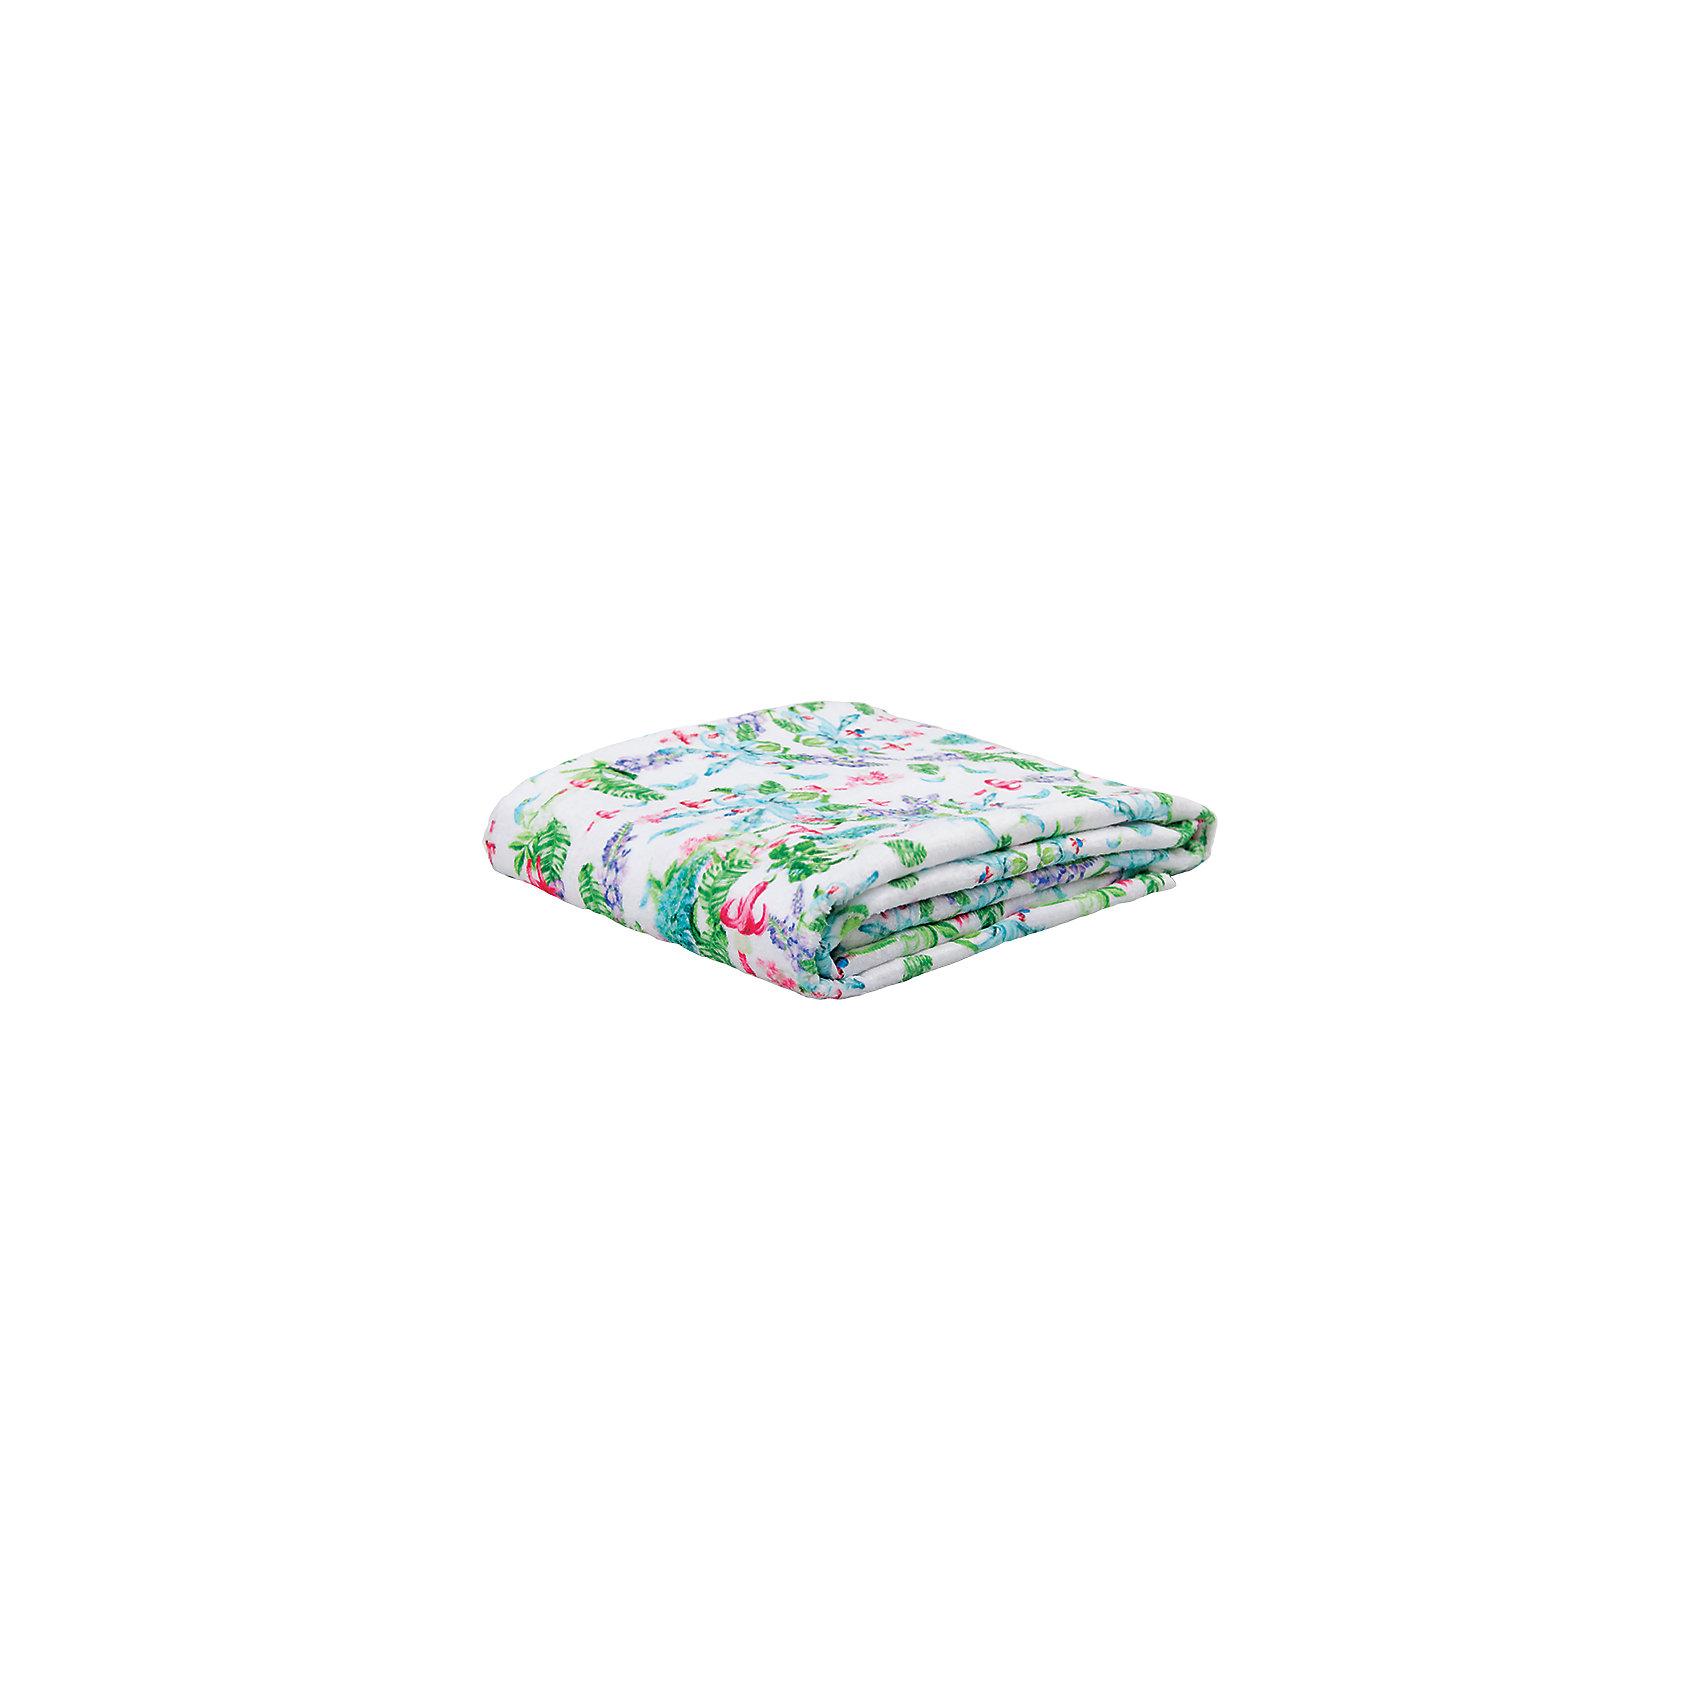 Полотенце «Jade» 50*90 хлопок велюр, Mona LizaВанная комната<br>Характеристики:<br><br>• материал: махра<br>• состав: 70% хлопок, 30% велюр<br>• размер полотенца: 50х90 см<br>• размер упаковки: 37х1х25 см<br>• вес: 350 грамм<br><br>Полотенце Jade отличается ярким дизайном и необычным принтом. Такое полотенце не только подарит вам ощущение сухости, но и поднимет настроение после водных процедур. Полотенце выполнено из махровой ткани. Она быстро впитывает влагу, обеспечивая вам комфорт при использовании. К тому же, махра практически не мнется и легко отстирывается.<br><br>Полотенце «Jade» 50*90 хлопок велюр, Mona Liza (Мона Лиза) вы можете купить в нашем интернет-магазине.<br><br>Ширина мм: 300<br>Глубина мм: 10<br>Высота мм: 200<br>Вес г: 200<br>Возраст от месяцев: 84<br>Возраст до месяцев: 600<br>Пол: Унисекс<br>Возраст: Детский<br>SKU: 6765284